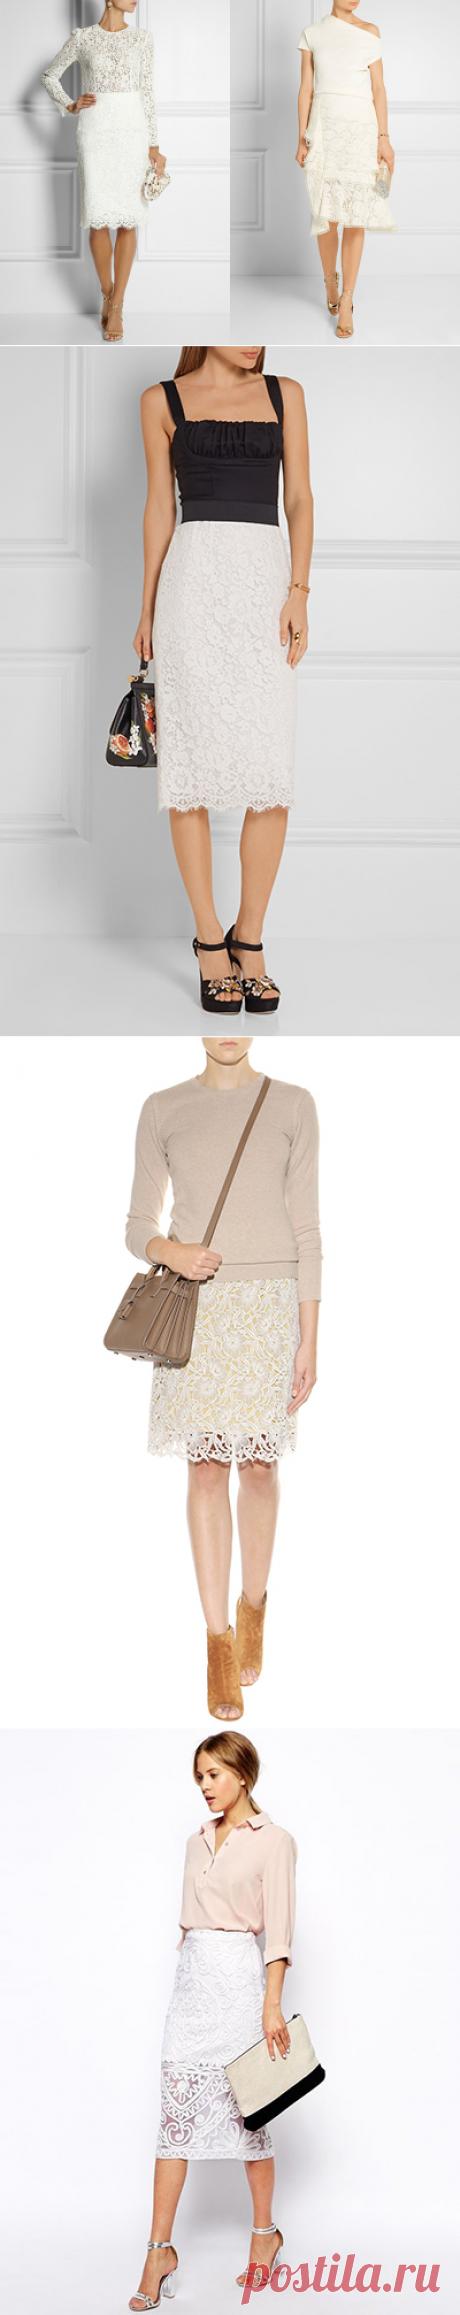 Белая кружевная юбка – воплощение нежности | Мода от Кутюр.Ru